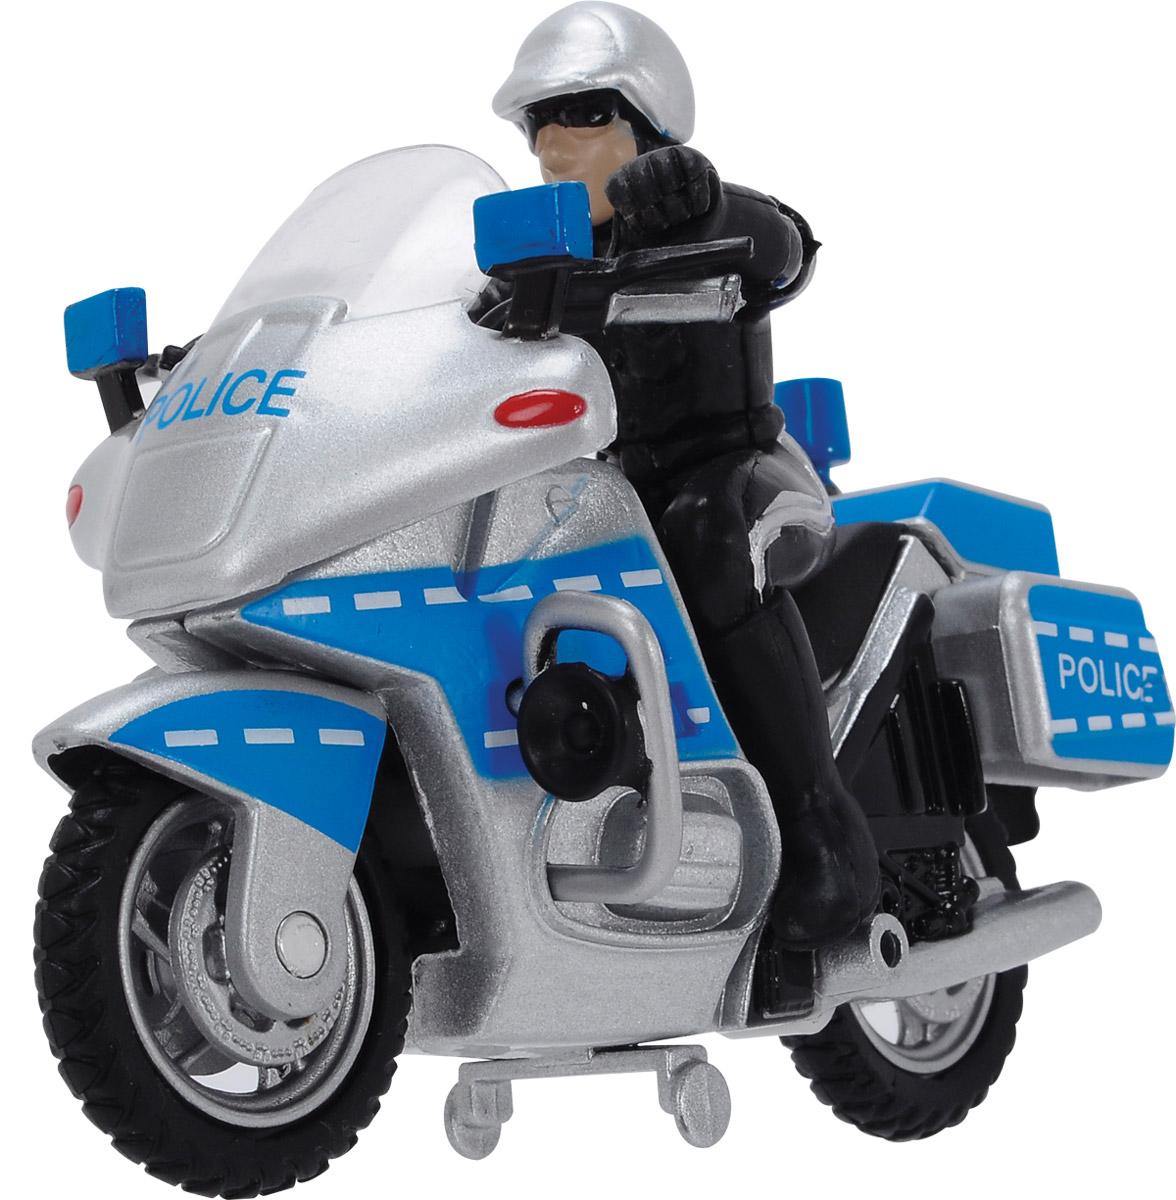 Dickie Toys Полицейский байк3342001Полицейский байк Dickie Toys представлен полицейским мотоциклом, фигуркой мотоциклиста и дорожными знаками. Дизайн мотоцикла хорошо проработан. Пропорции и наличие всех атрибутов (стекло, зеркала, педали, подножка, структура дисков) придают игрушечному мотоциклу сходство с настоящим транспортным средством. Такая игрушка позволит моделировать сюжеты из жизни патрульного полицейского.